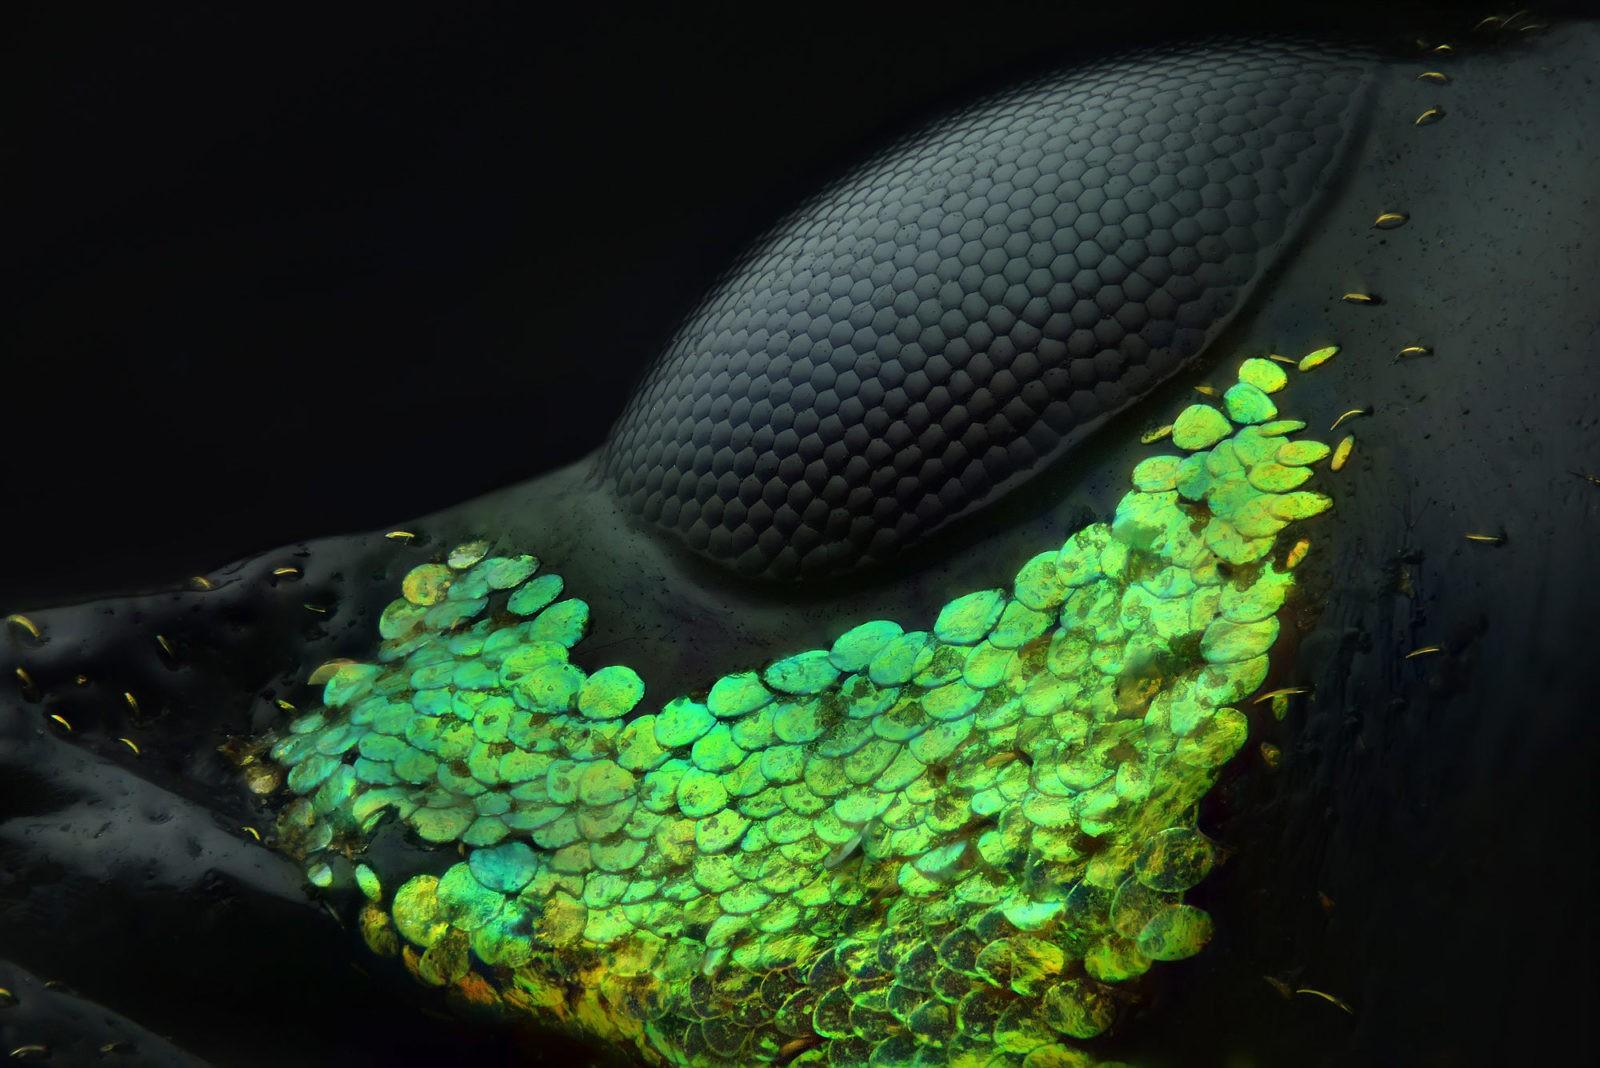 O clique vencedor do concurso da Nikon mostra os detalhes de um besouro (Foto: Yousef Al Habshi)